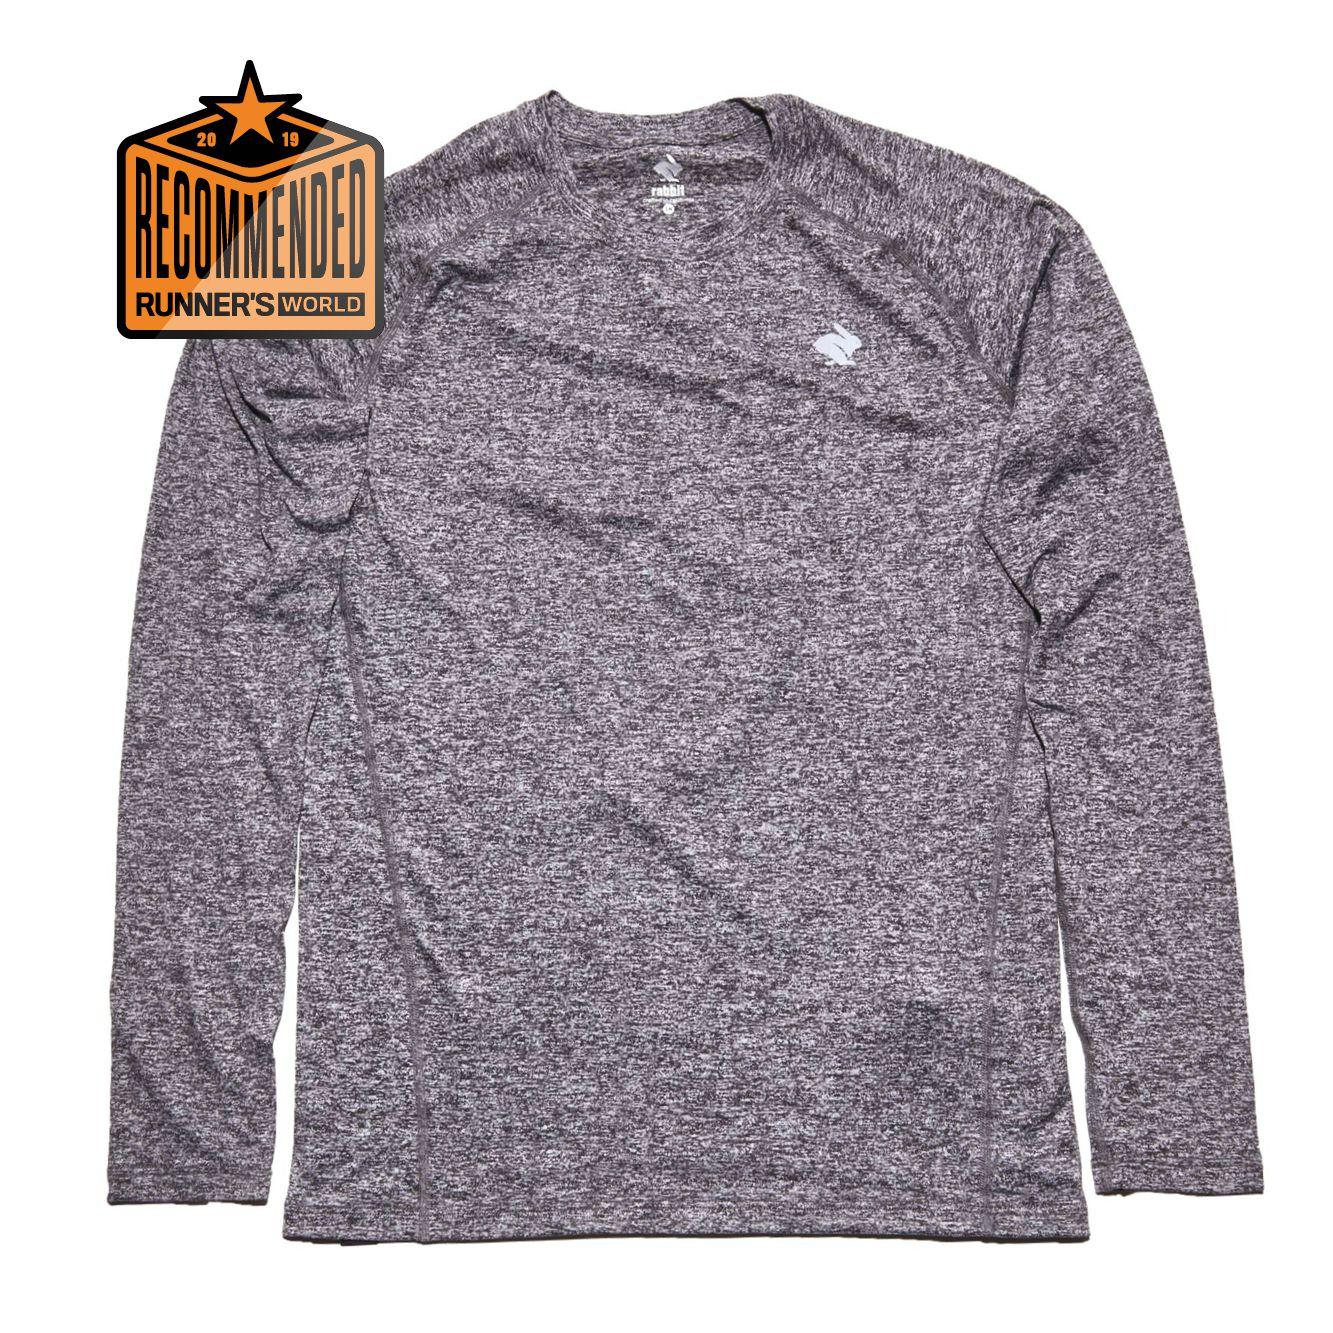 5e55fe94 Best Running Shirts | Workout Tops for Men & Women 2019